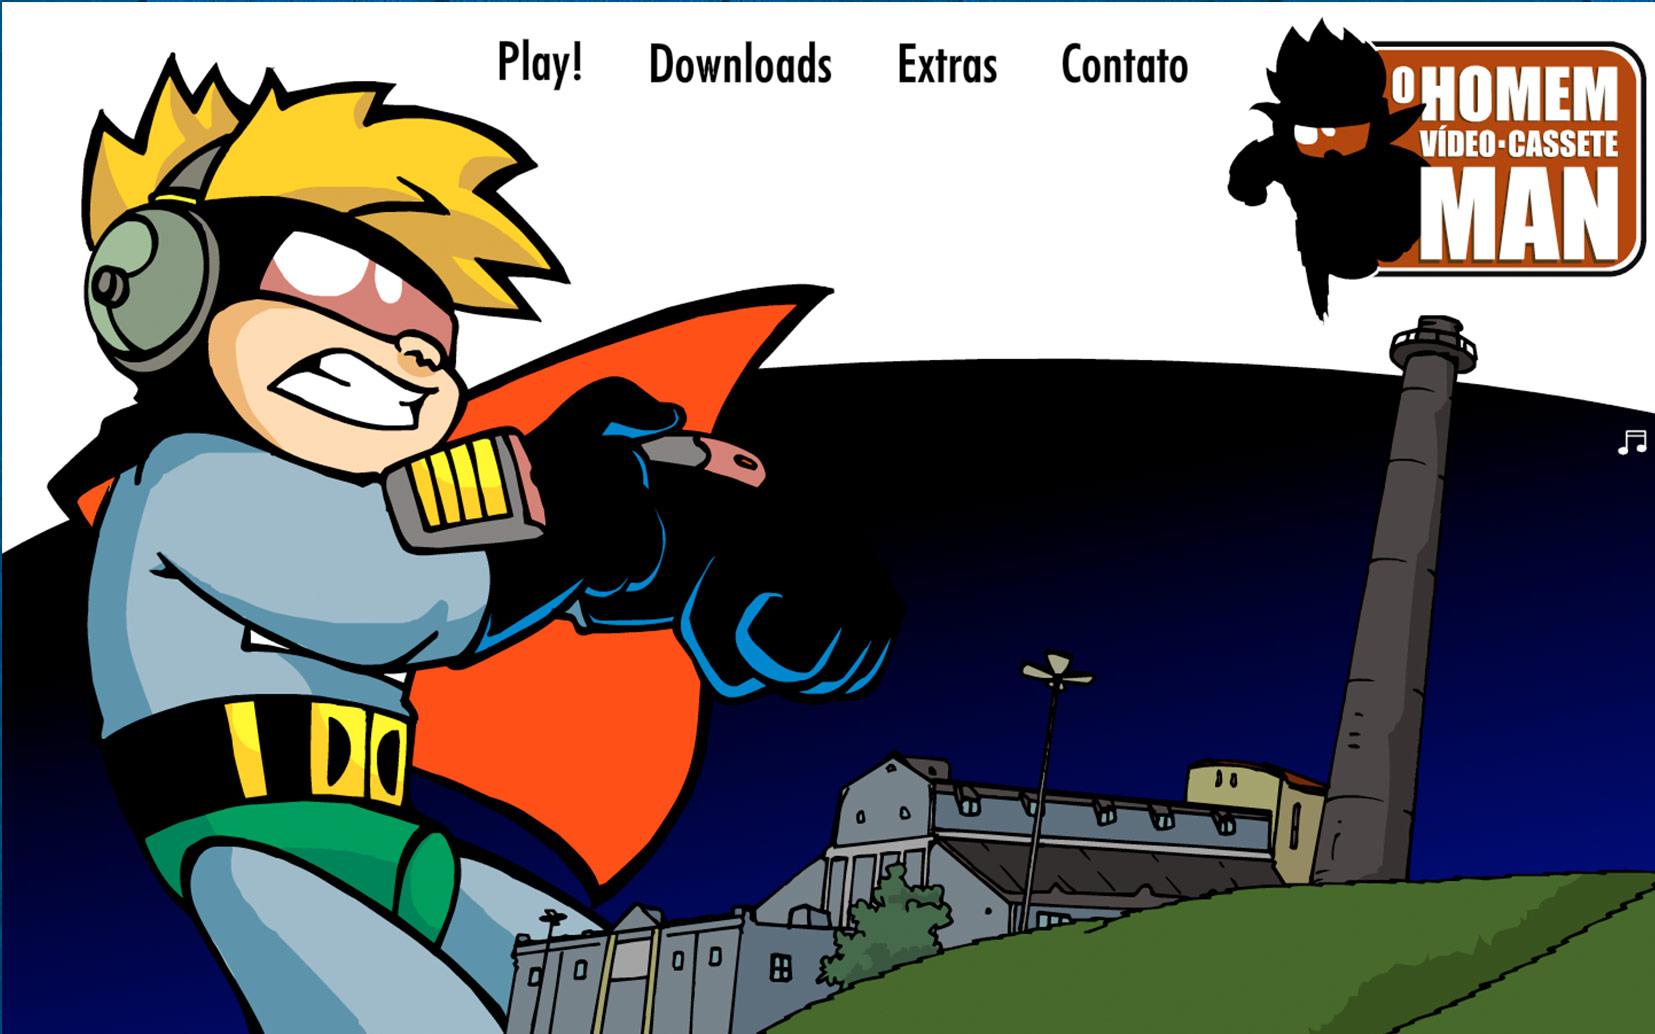 Animation: El Hombre VHSman